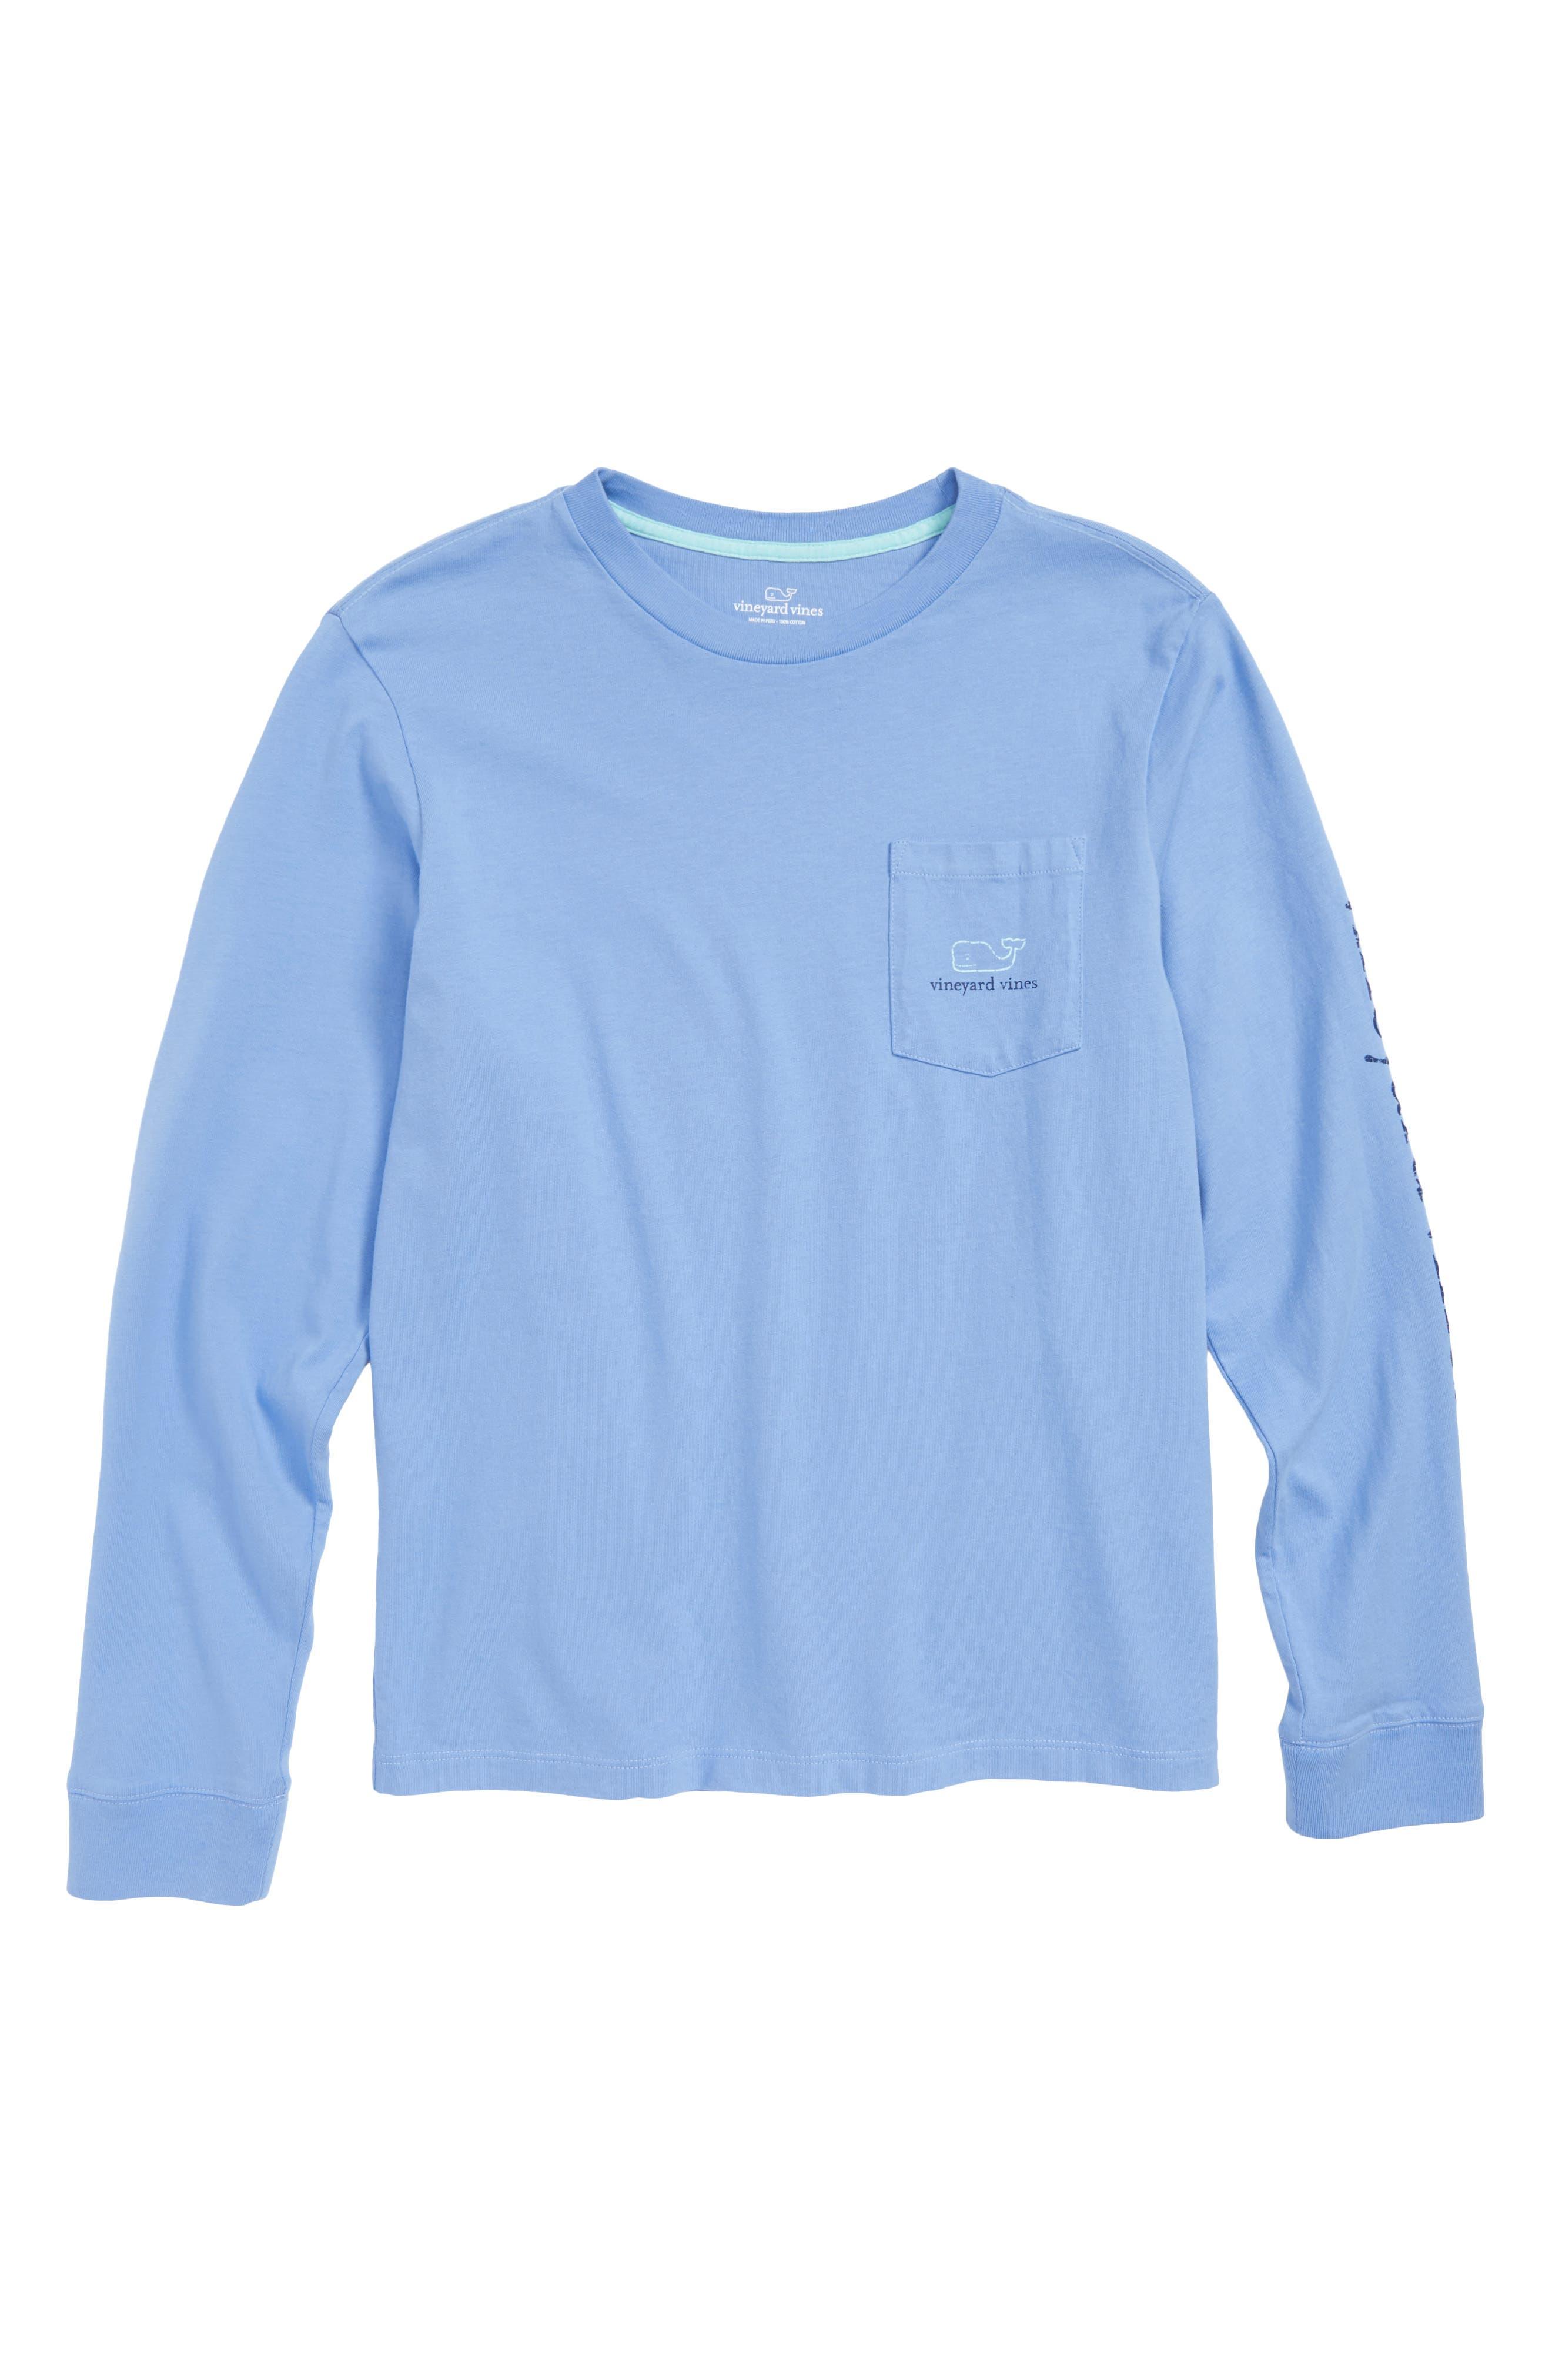 Vintage Whale Pocket T-Shirt,                         Main,                         color, 426